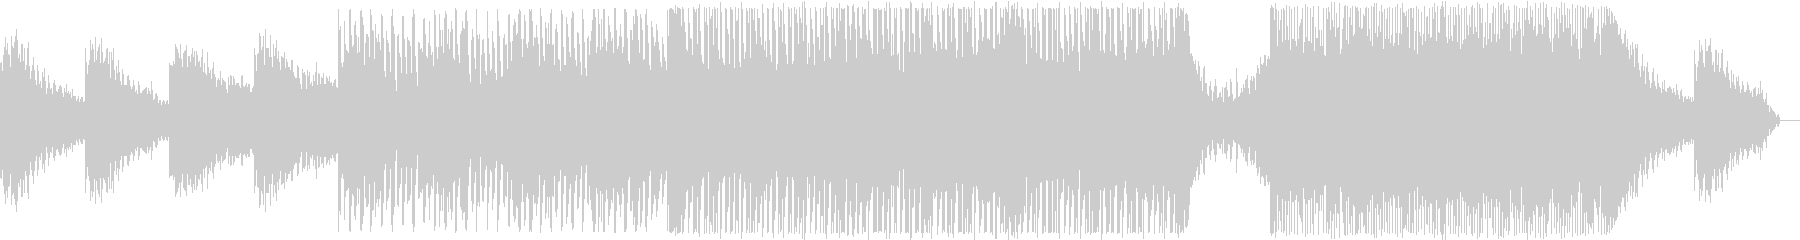 エレクトロニックなサウンドと暗いム...の未再生の波形